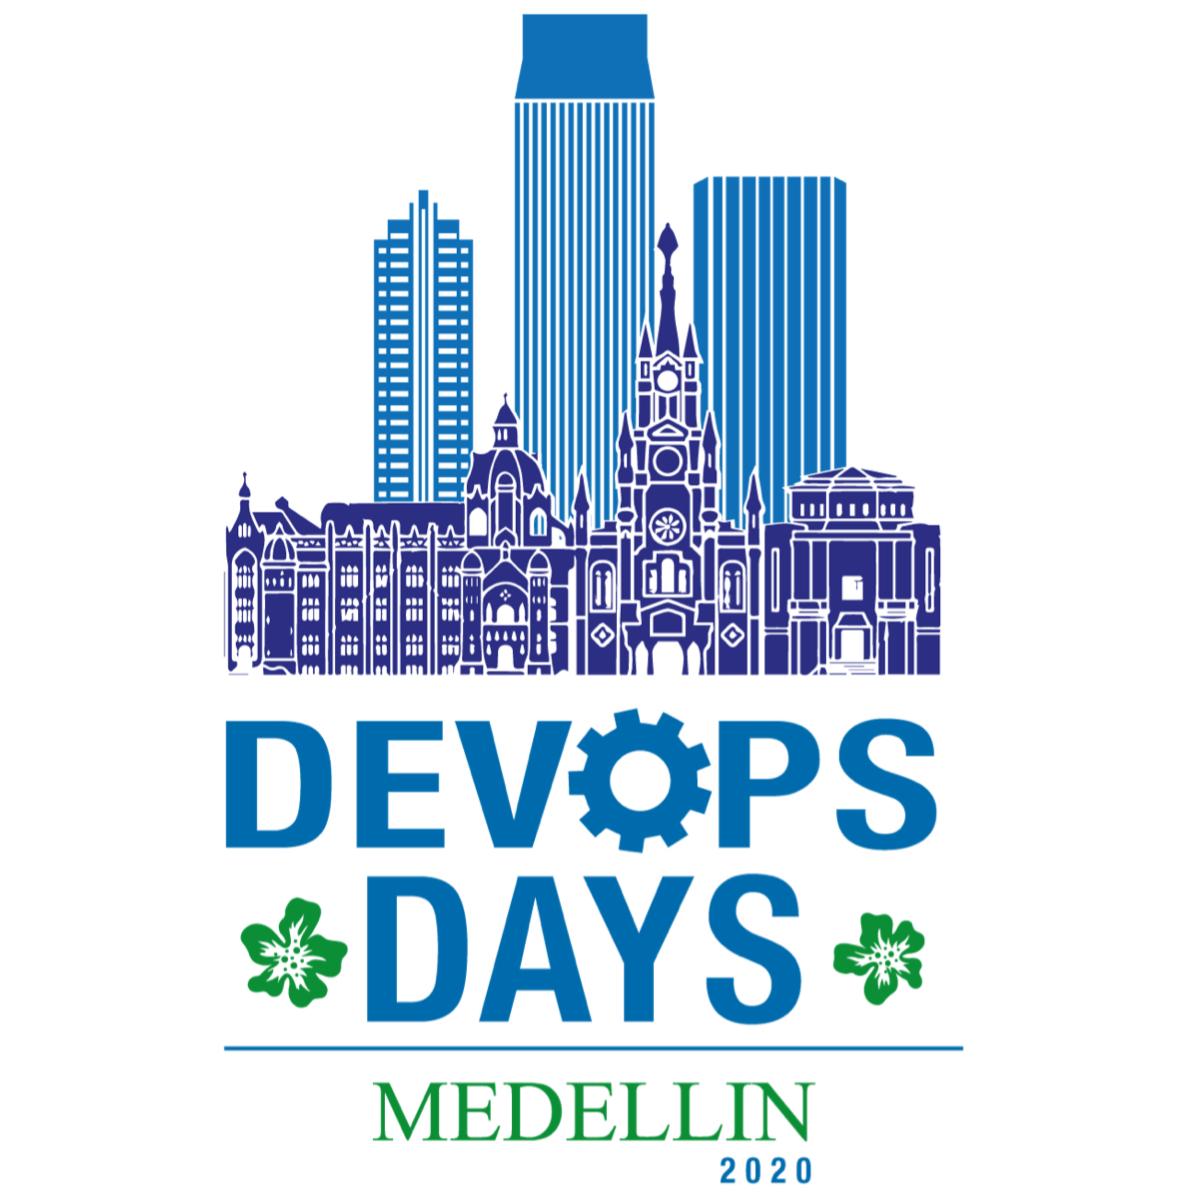 devopsdays Medellín